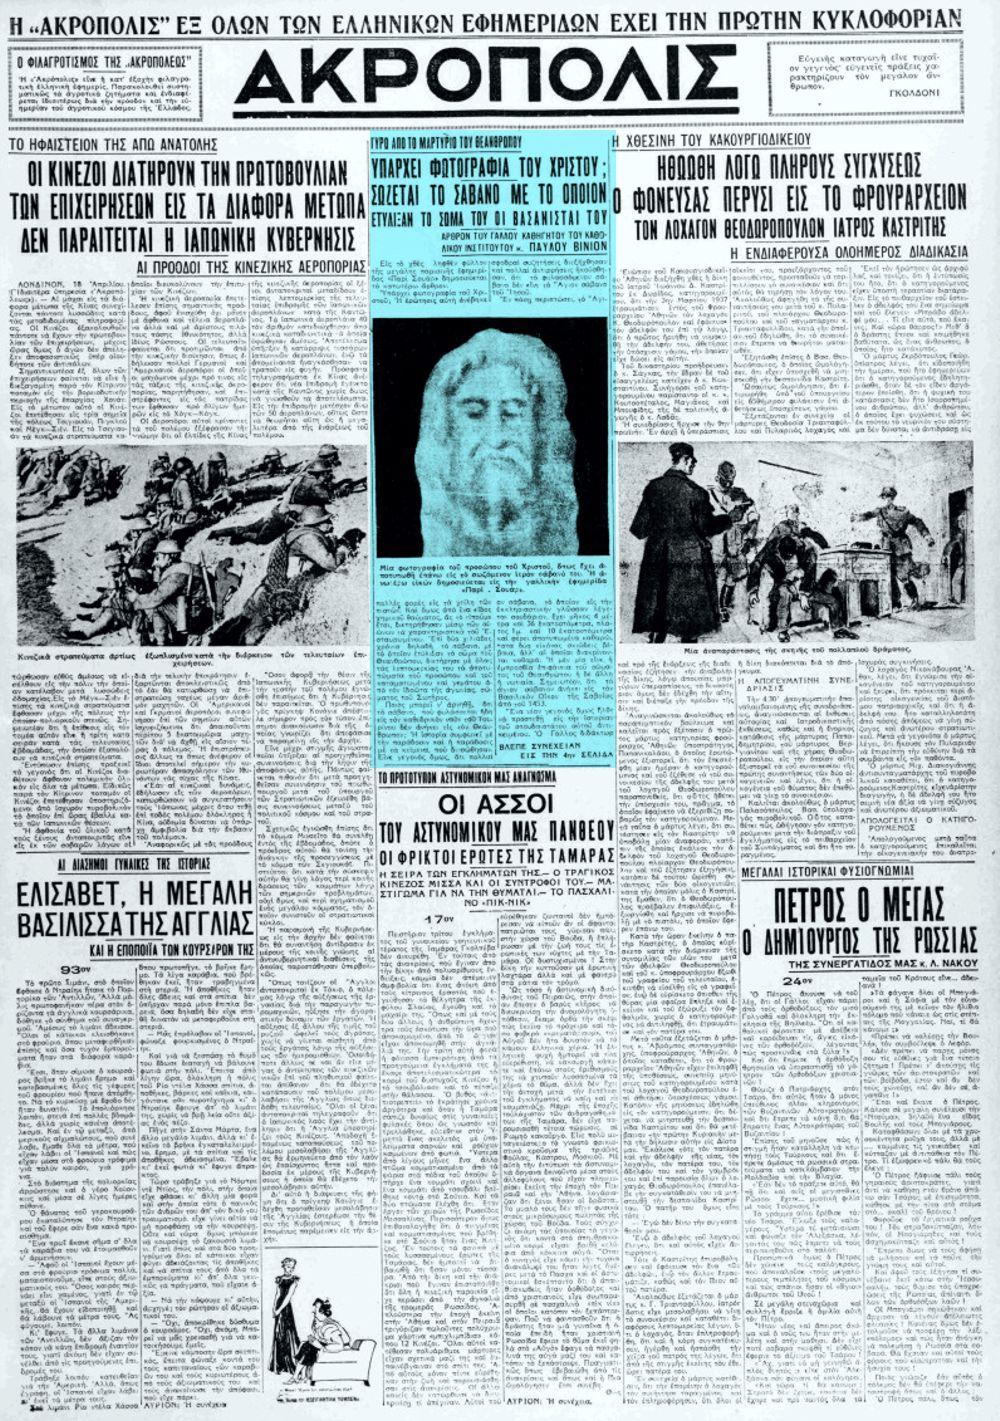 """Το άρθρο, όπως δημοσιεύθηκε στην εφημερίδα """"ΑΚΡΟΠΟΛΙΣ"""", στις 19/04/1938"""